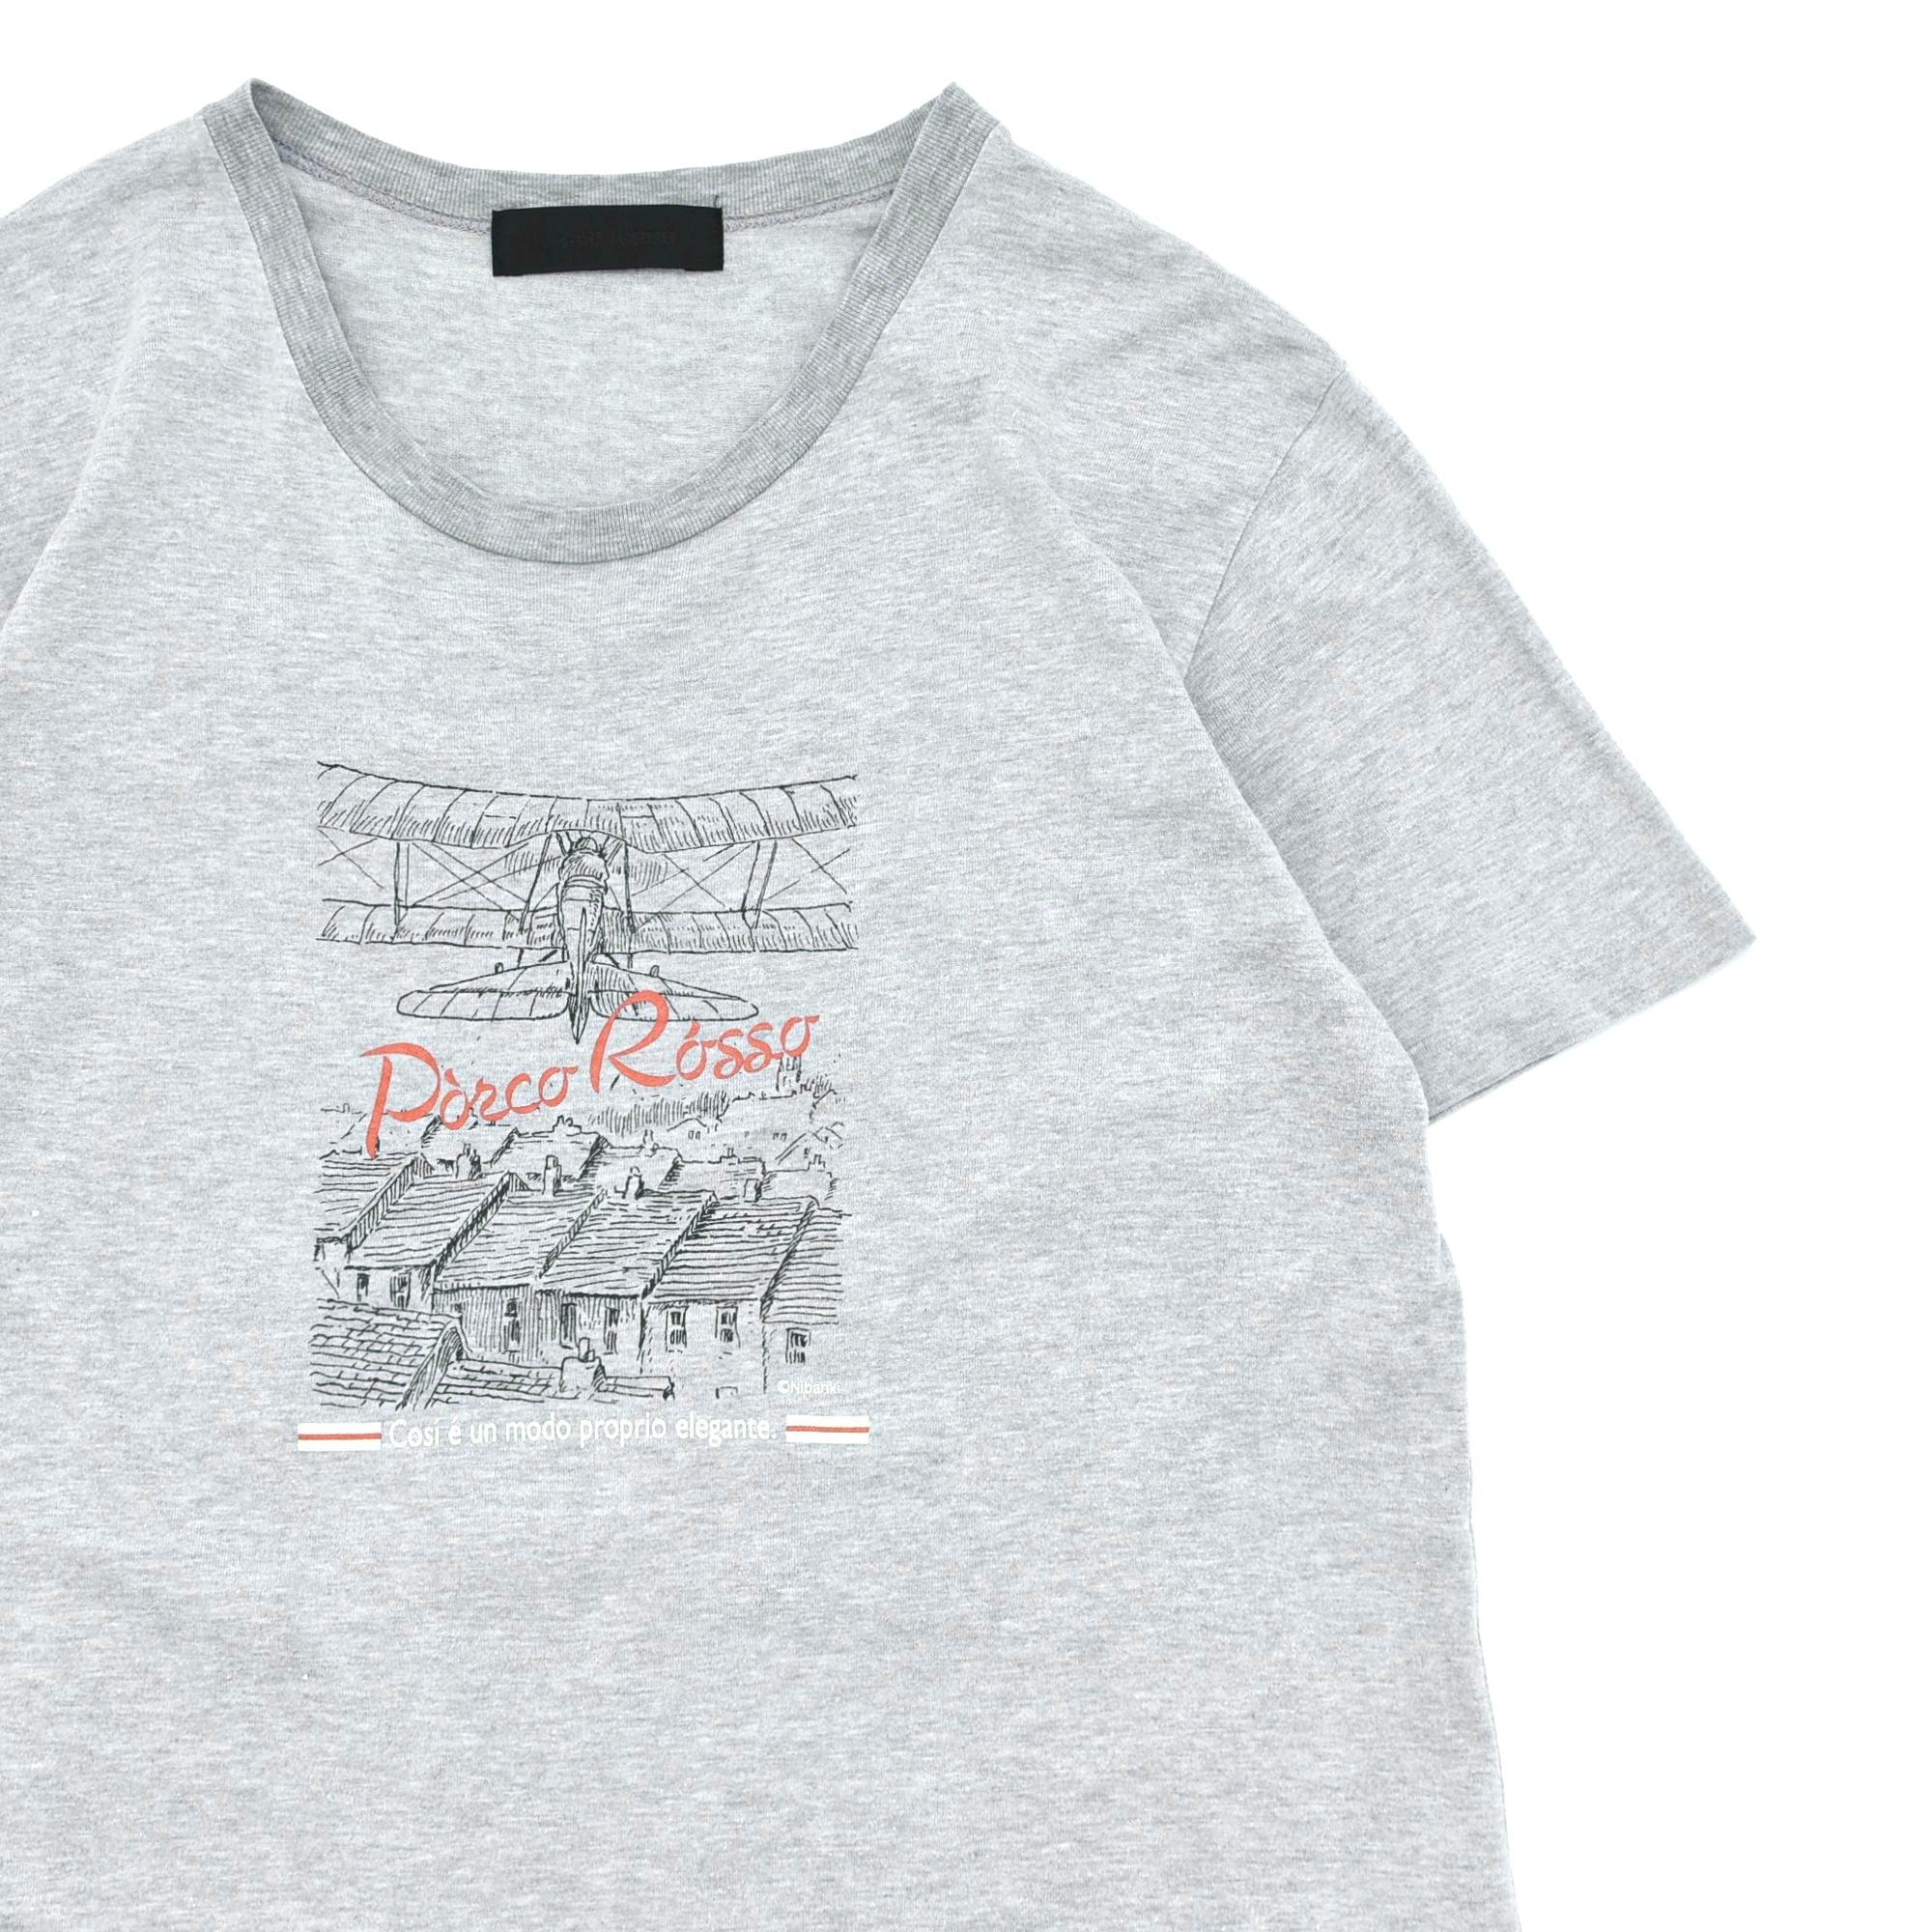 仕立屋 GHIBLI Porco Rosso print T-shirt